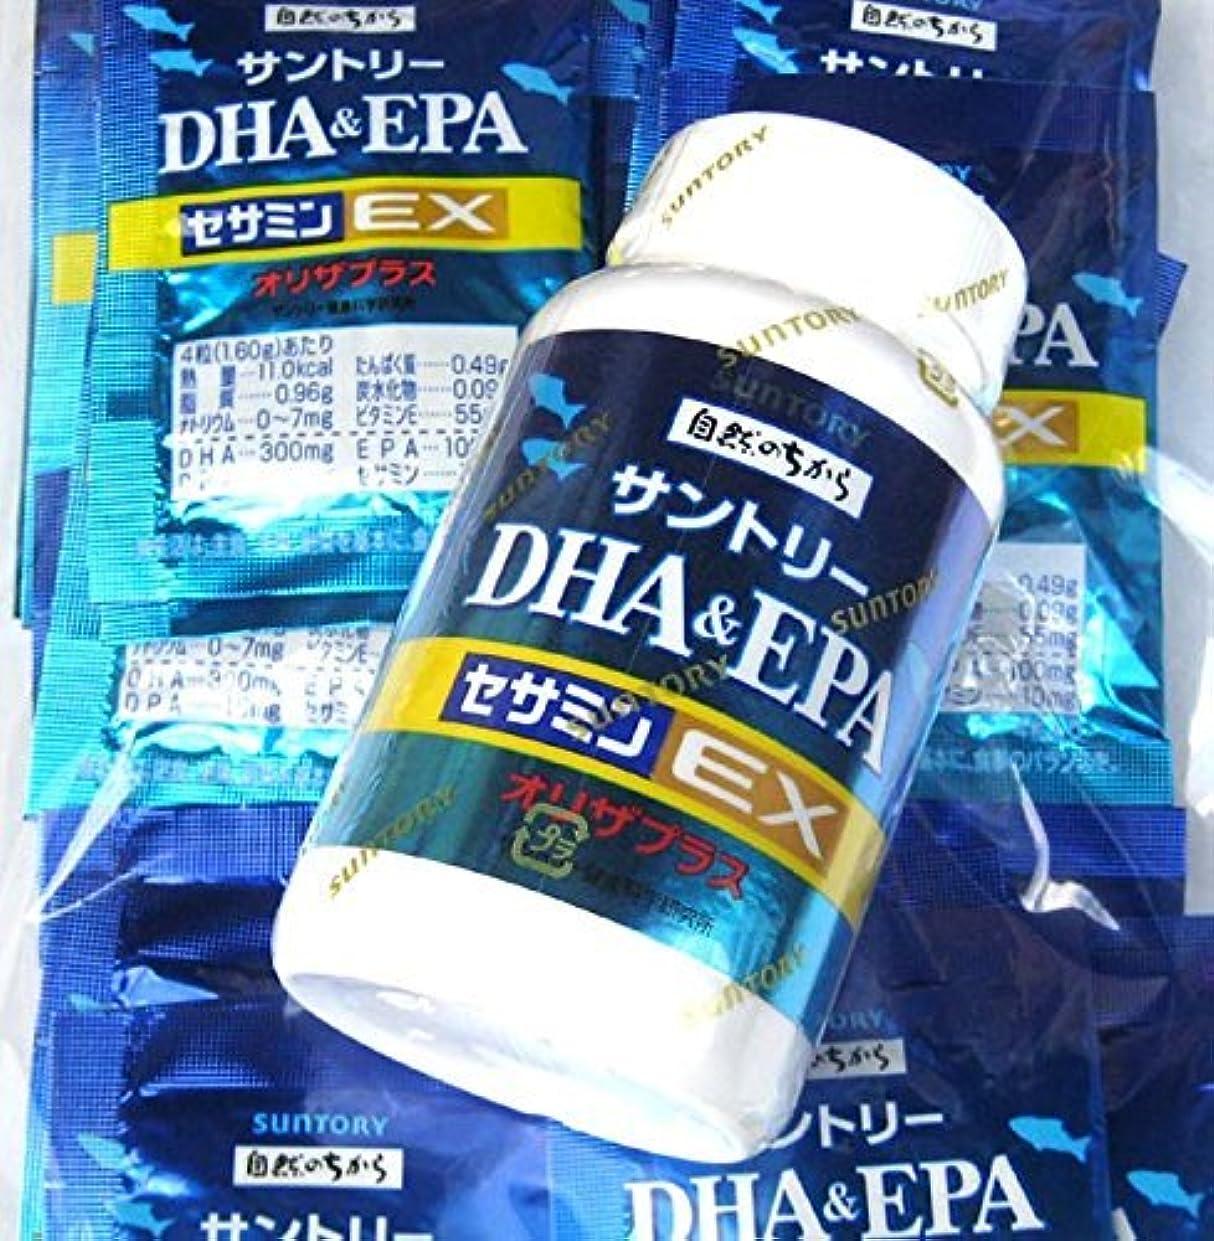 公フルーツ野菜用心深いサントリー DHA&EPA+セサミンEX 360粒 (240粒+120粒